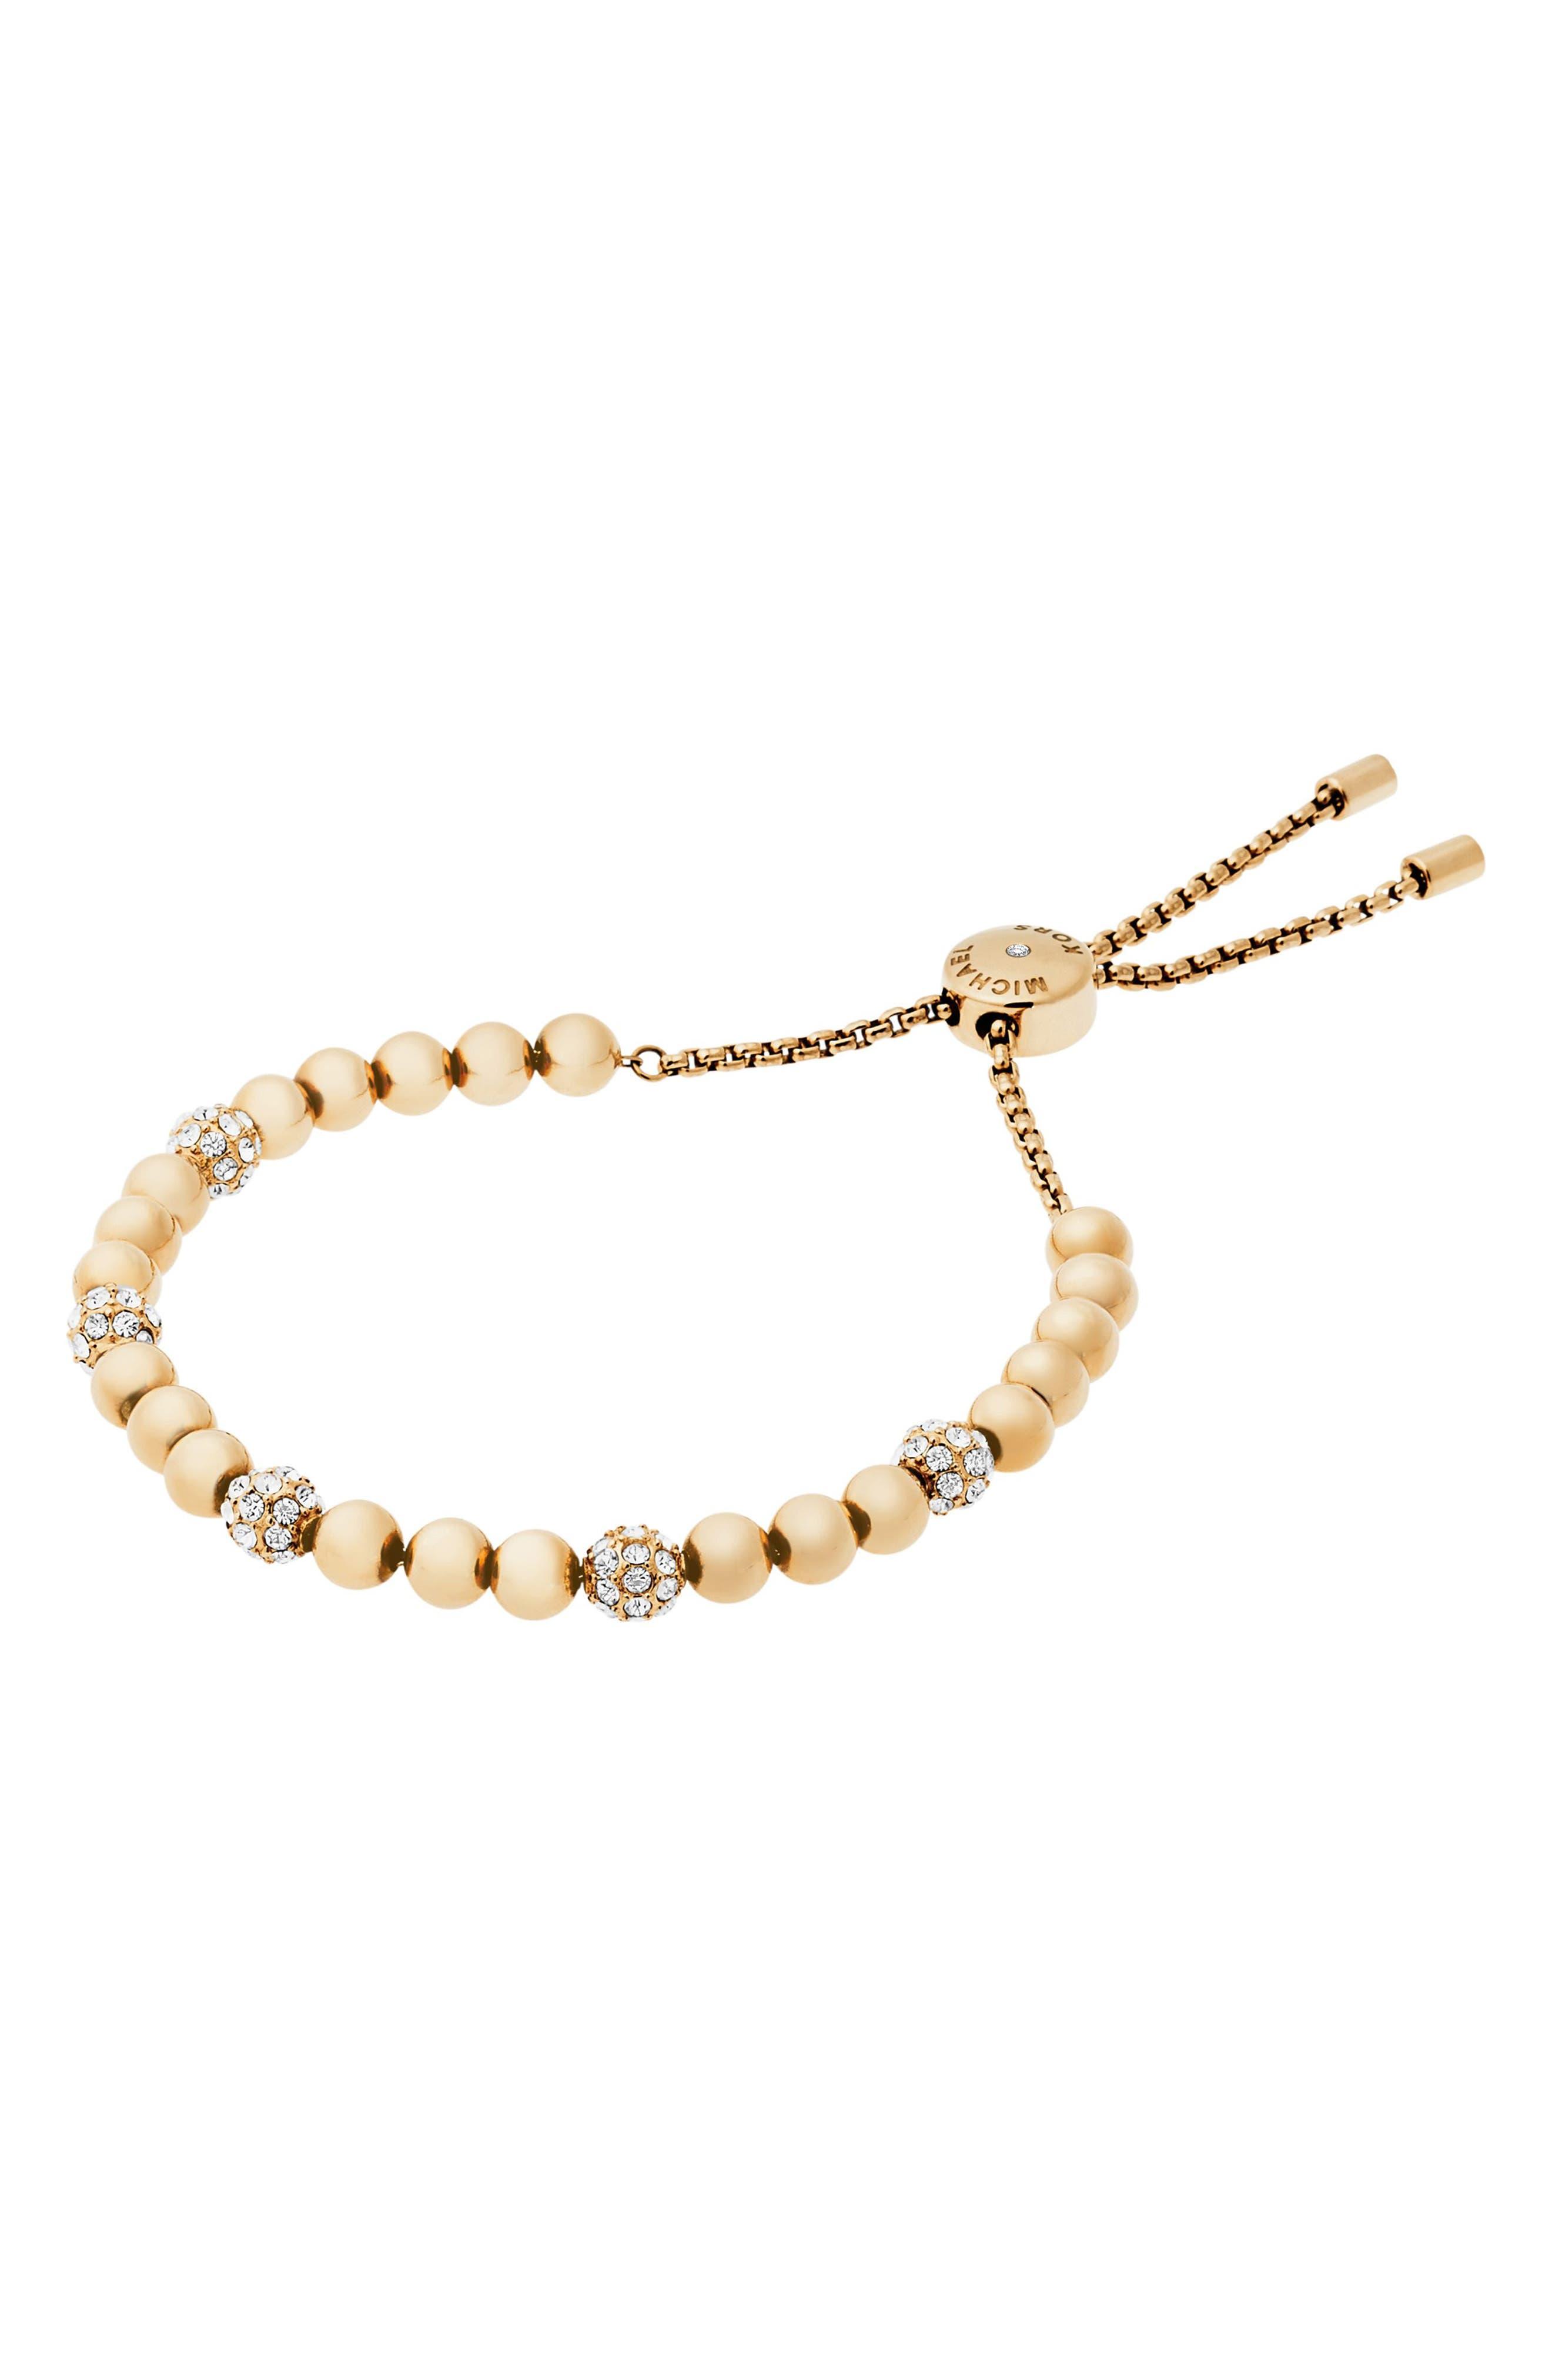 Michael Kors Beaded Bracelet